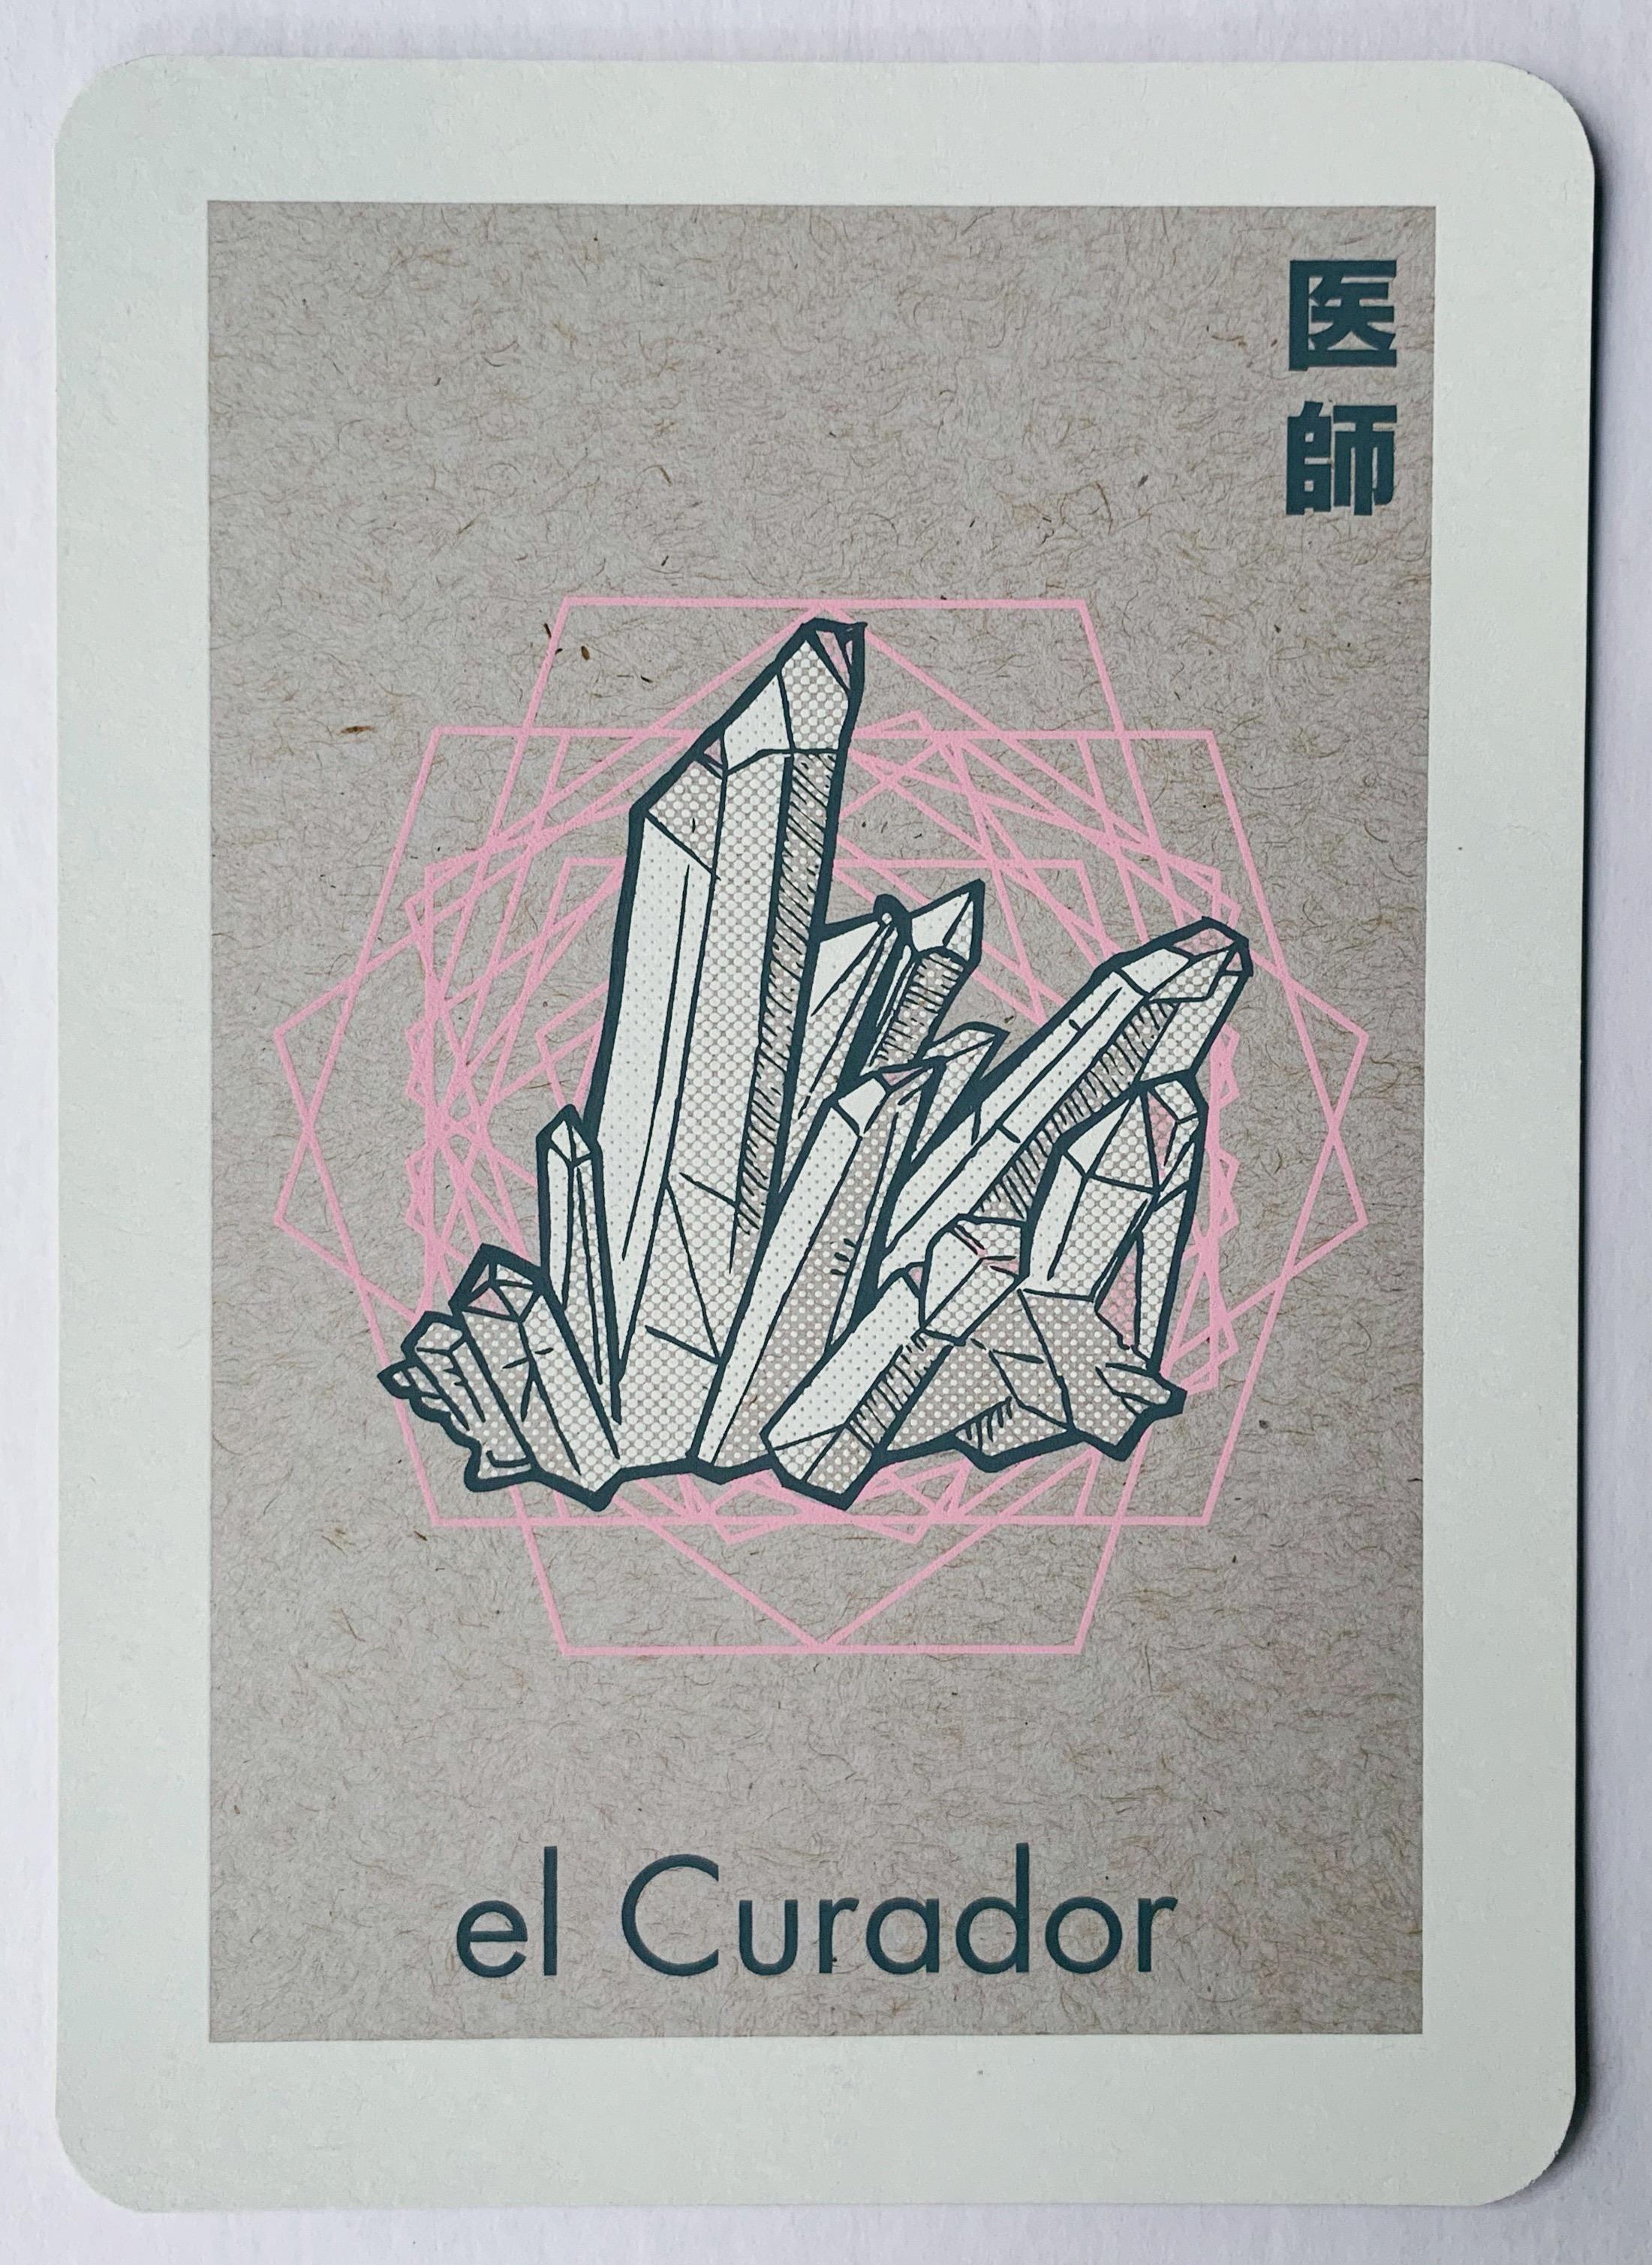 el Curador, serigraphy, 2017